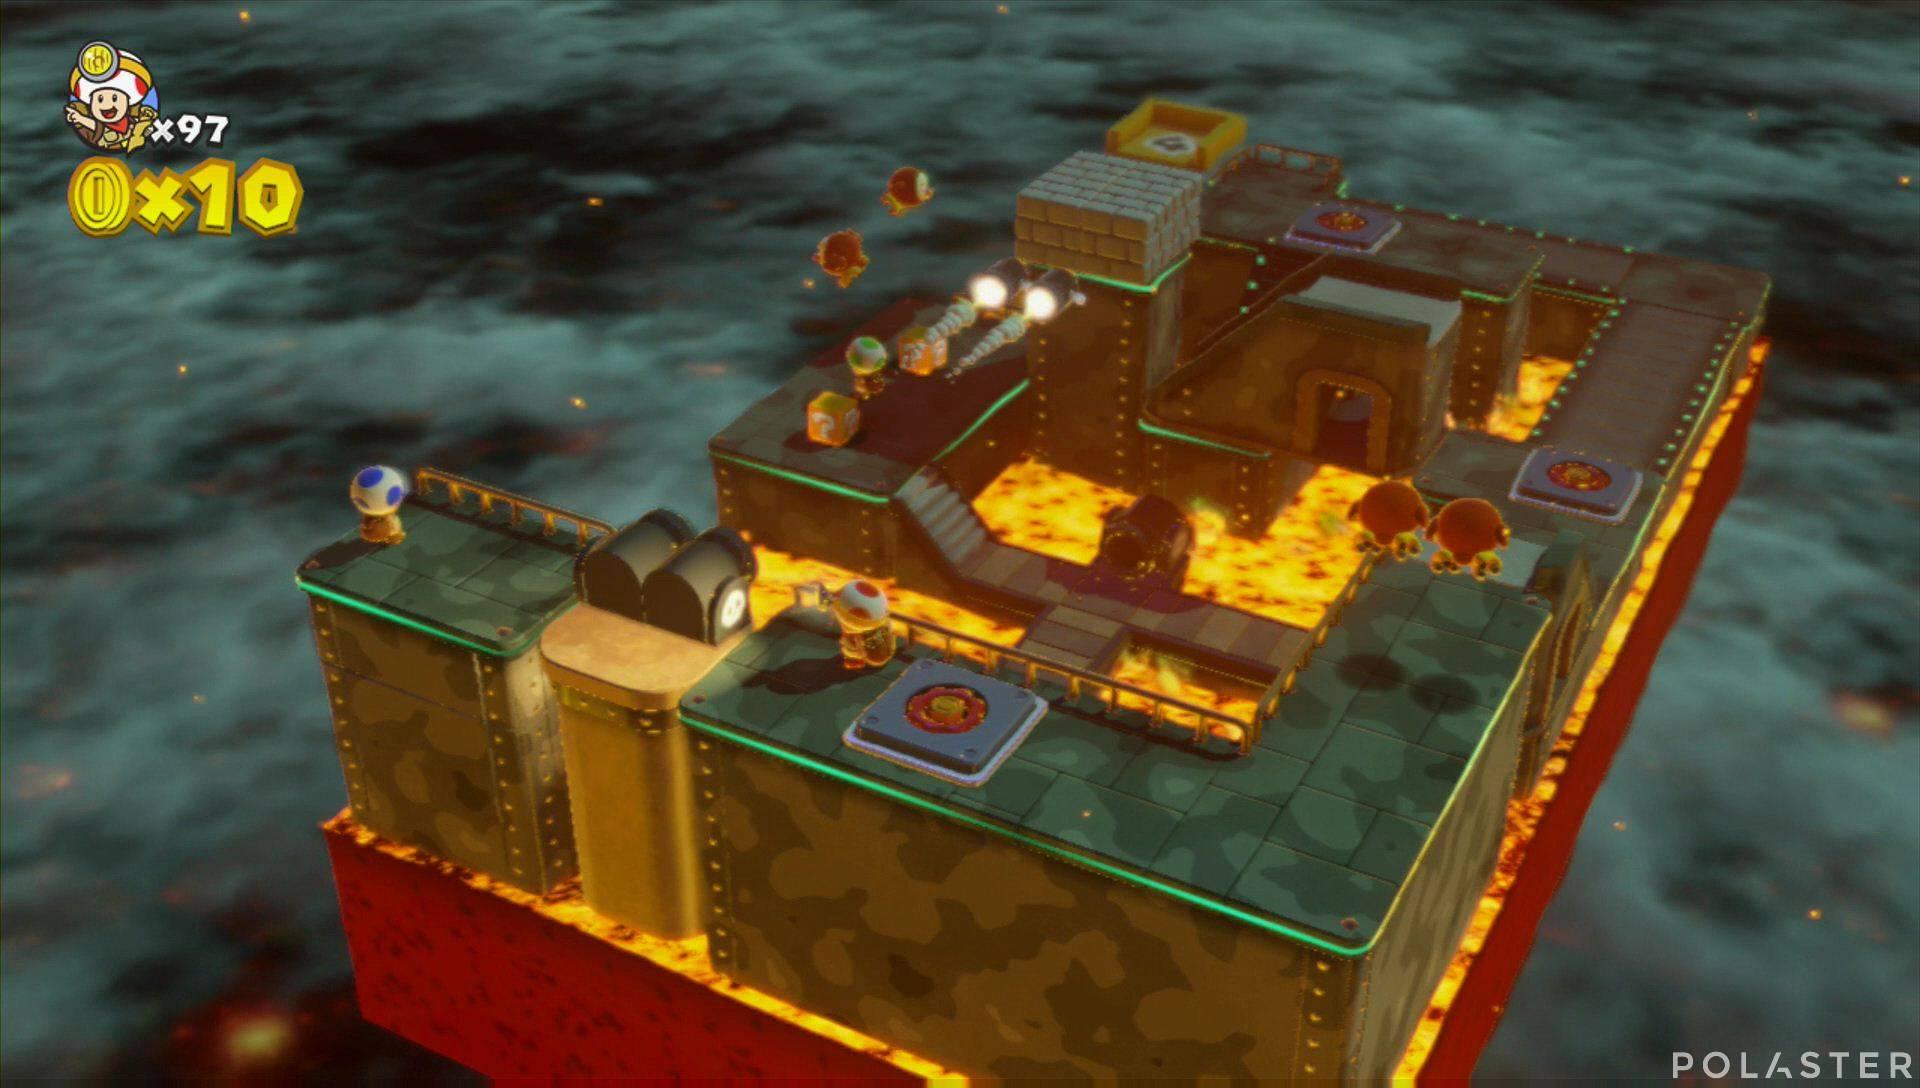 Captain Toad: Treasure Tracker Extra: ¡Cuadrilla, a la base giratoria! Toad azul